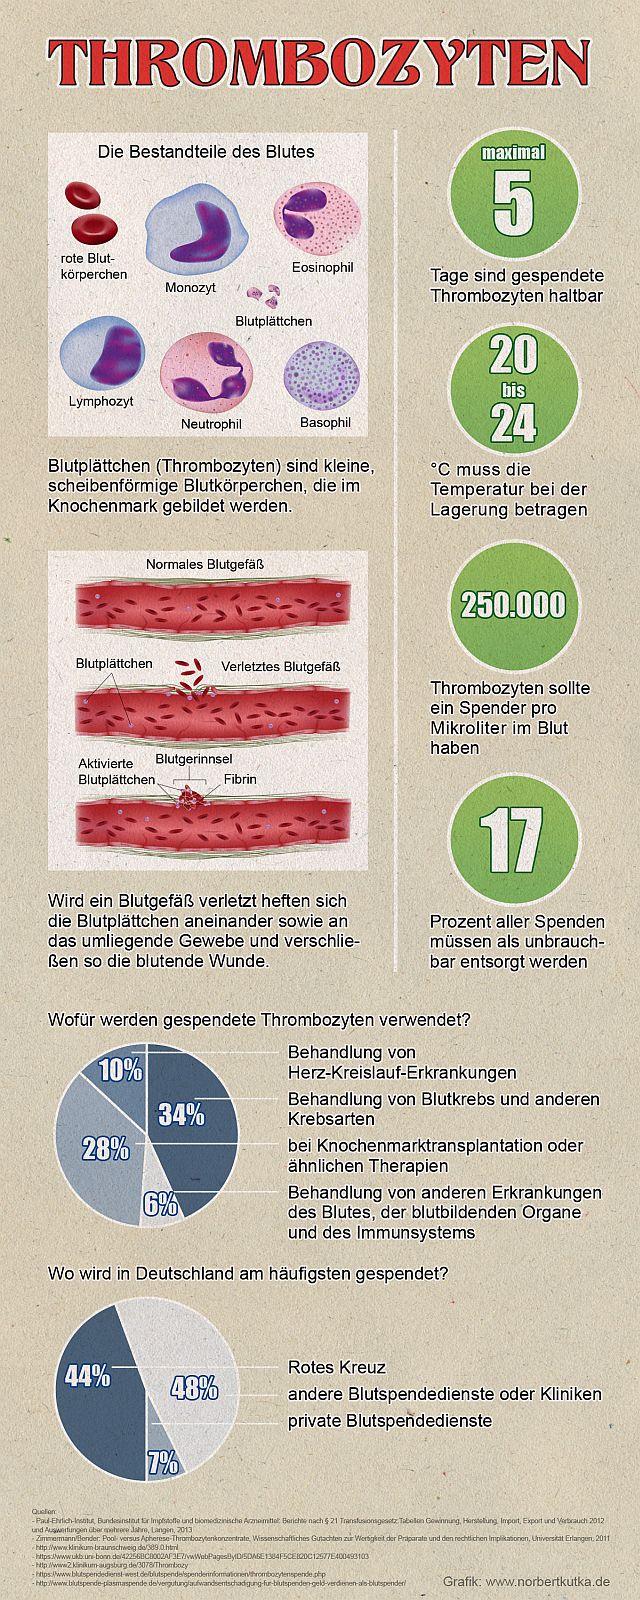 Infografik mit Statistik zu Blutblättchen und Thrombozyten Spende. Quelle: www…. Angela Janssen